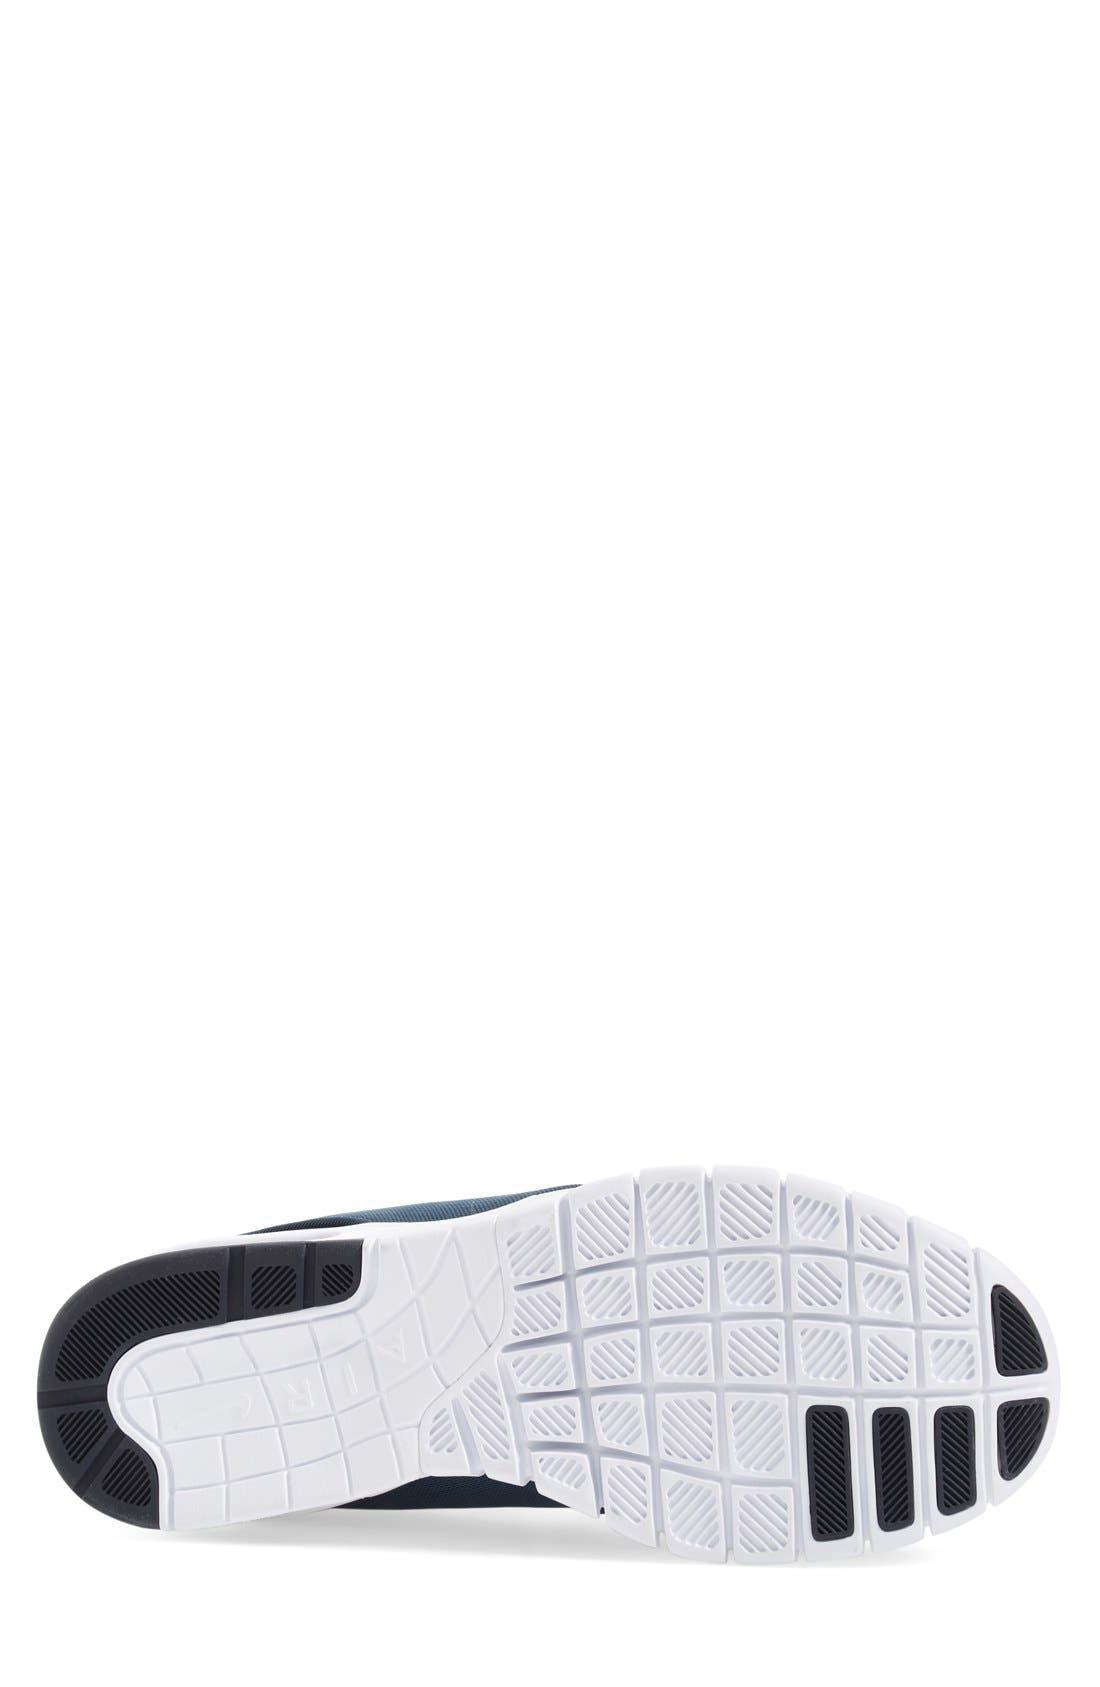 SB Stefan Janoski Max Mid Skate Shoe,                             Alternate thumbnail 44, color,